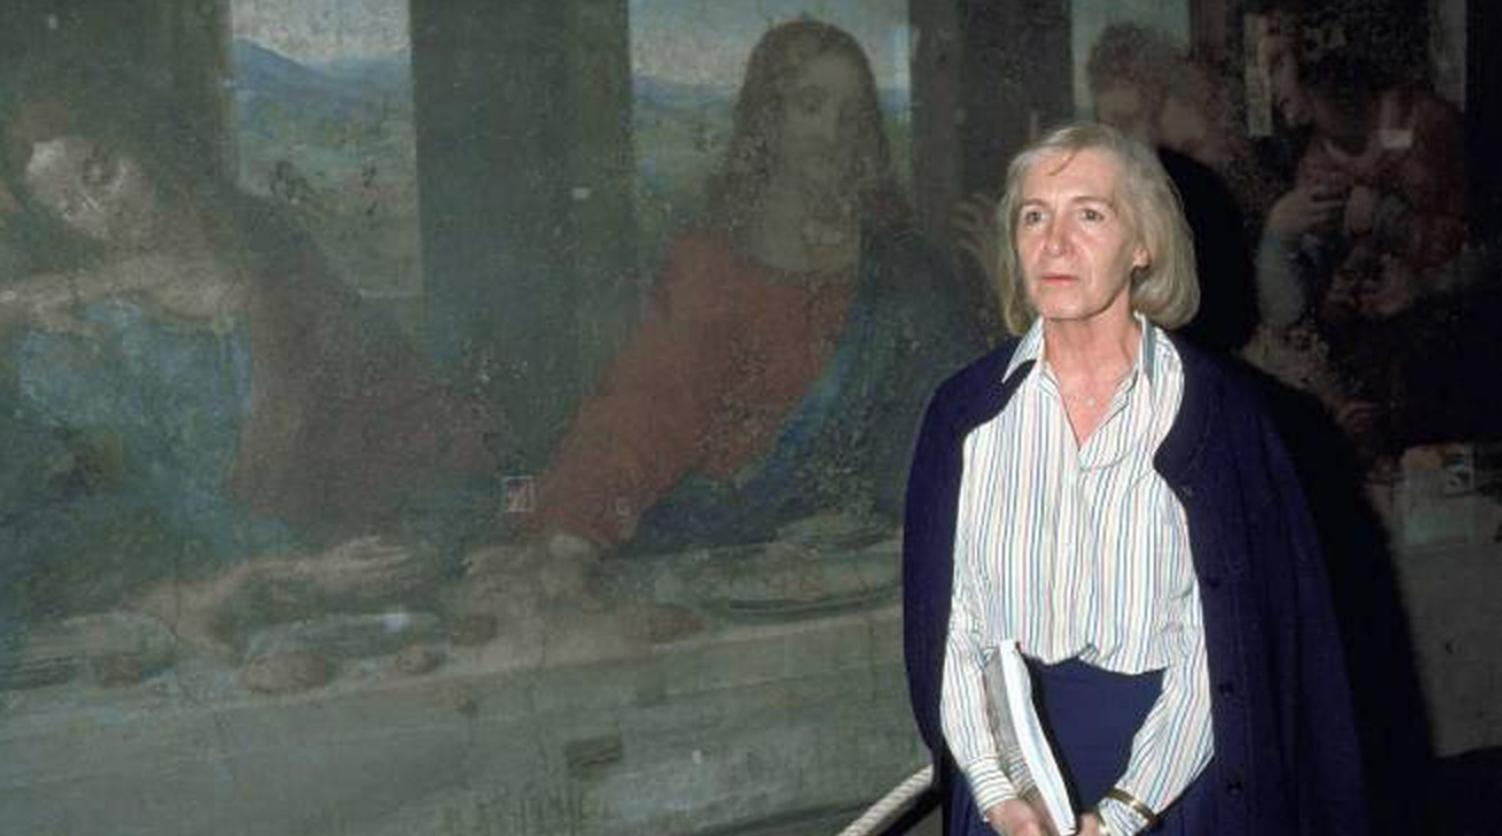 Addio a Pinin Brambilla Barcilon. Morta a 95 anni la grande restauratrice